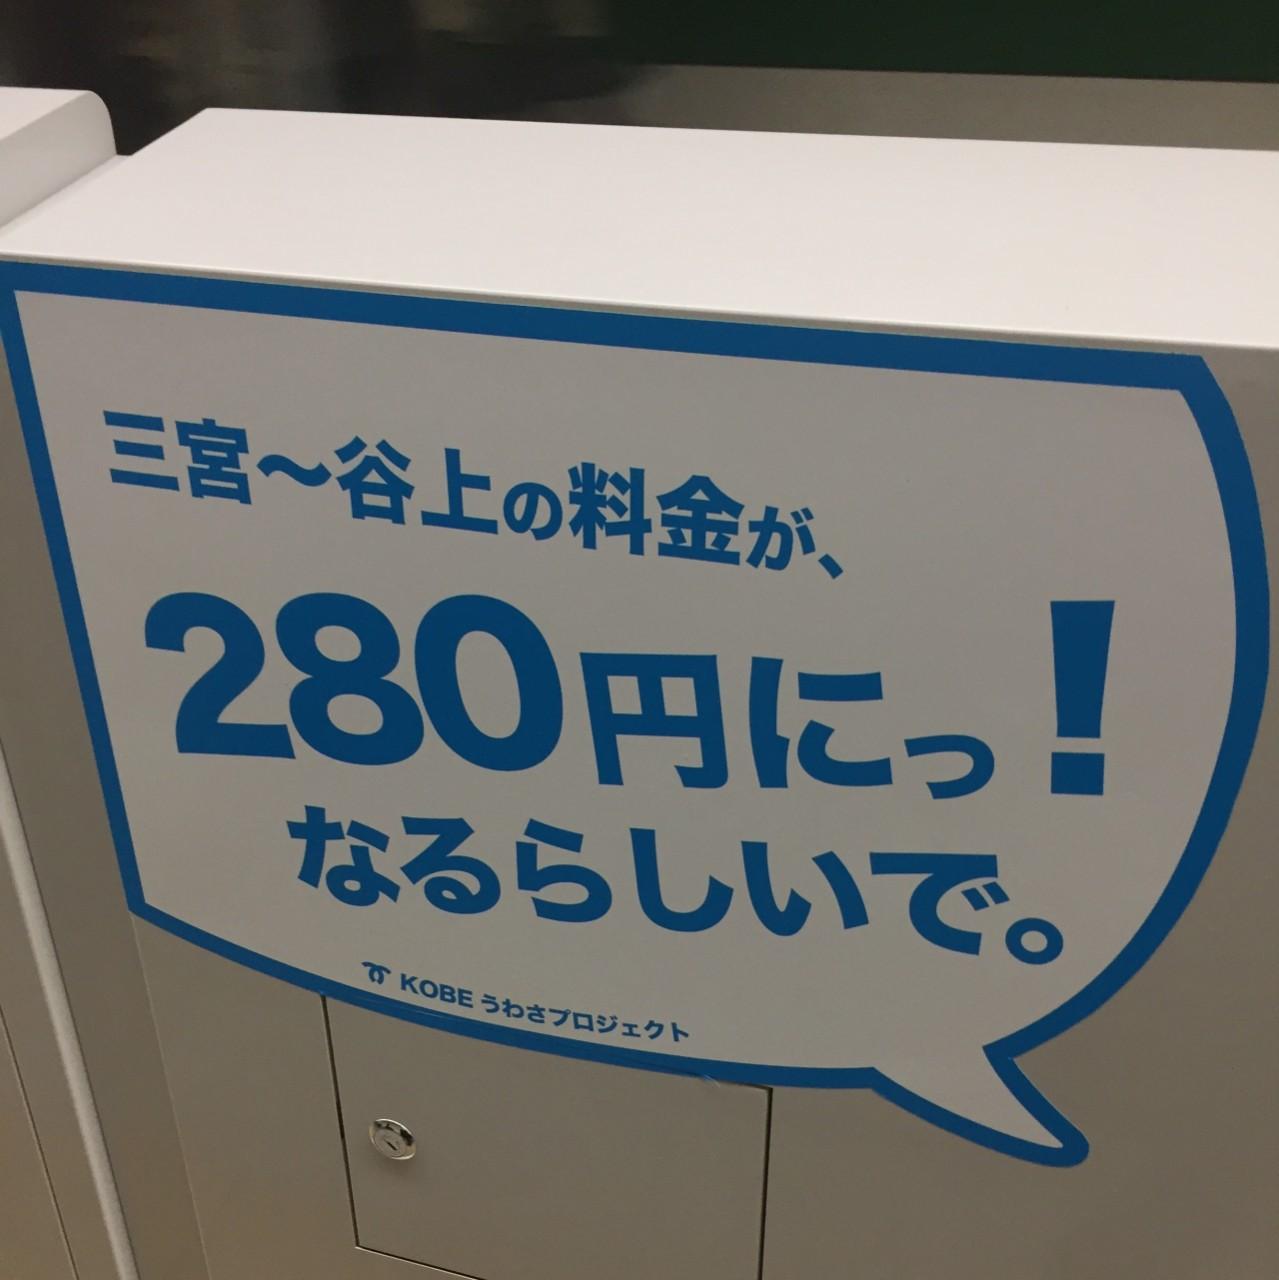 三宮~谷上の料金が、280円にっ!なるらしいで。